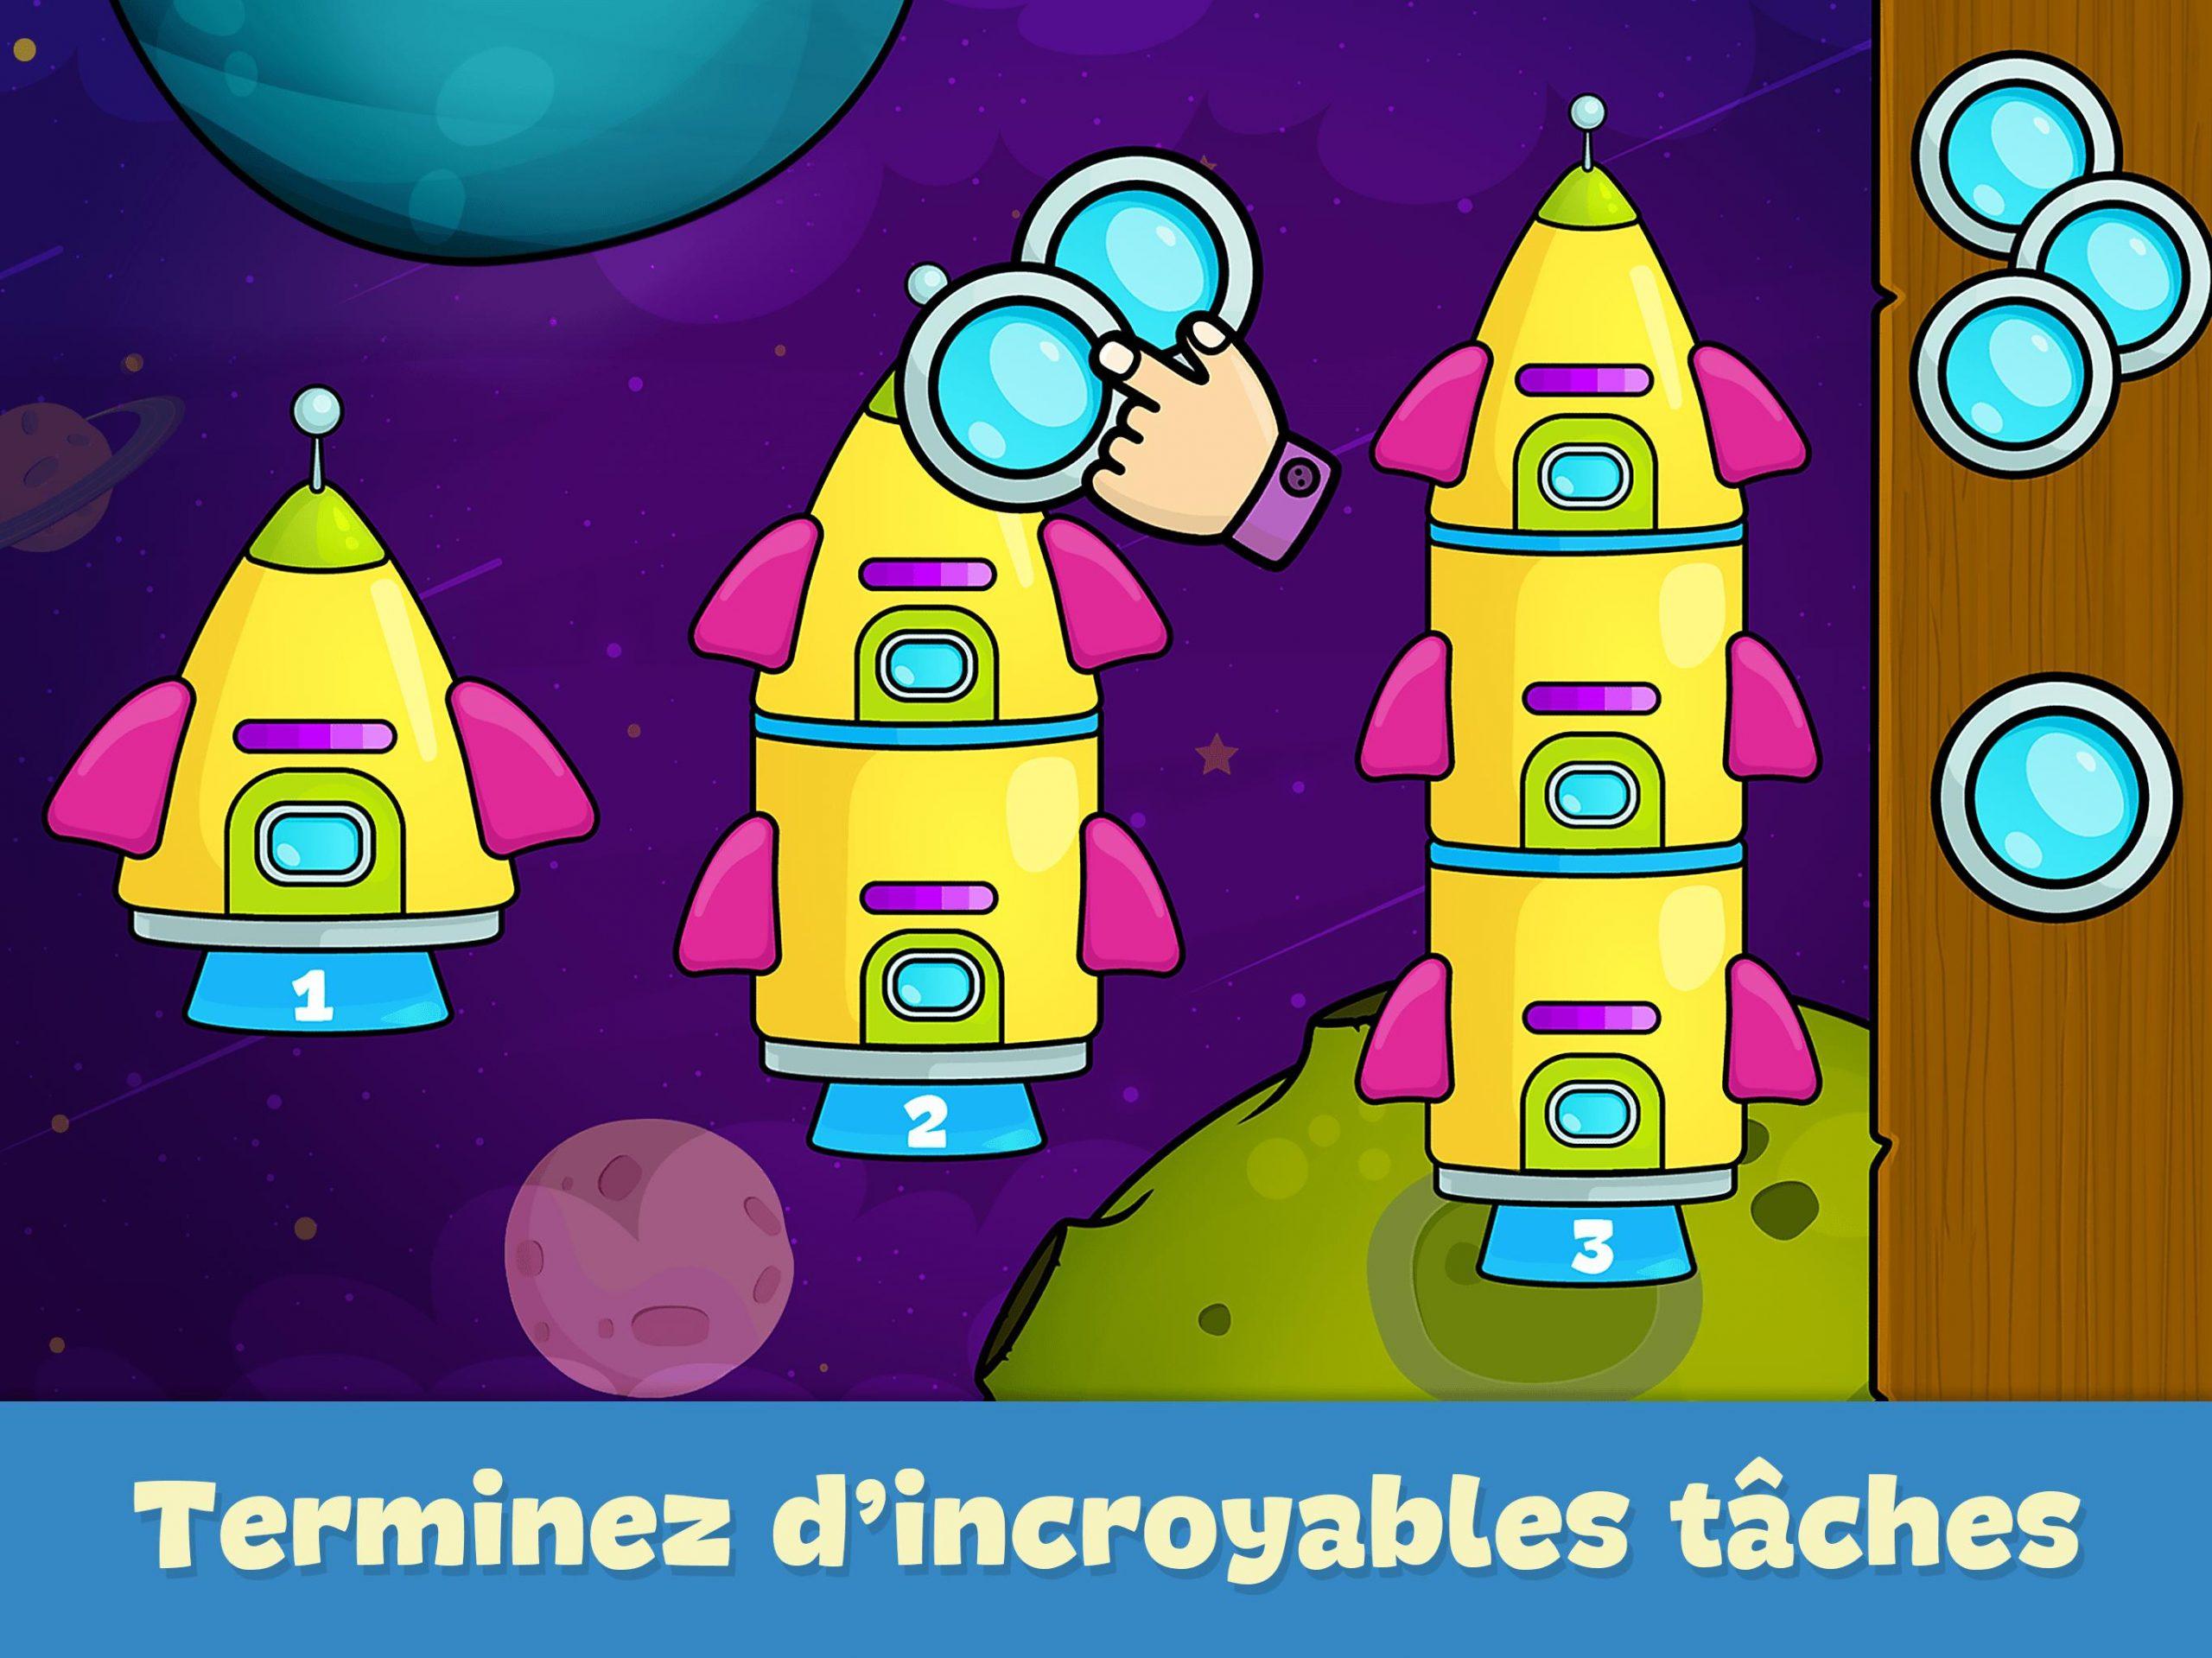 Jeux Pour Enfants 2 - 5 Ans Pour Android - Téléchargez L'apk destiné Jeux Gratuit Facile Pour Garcon